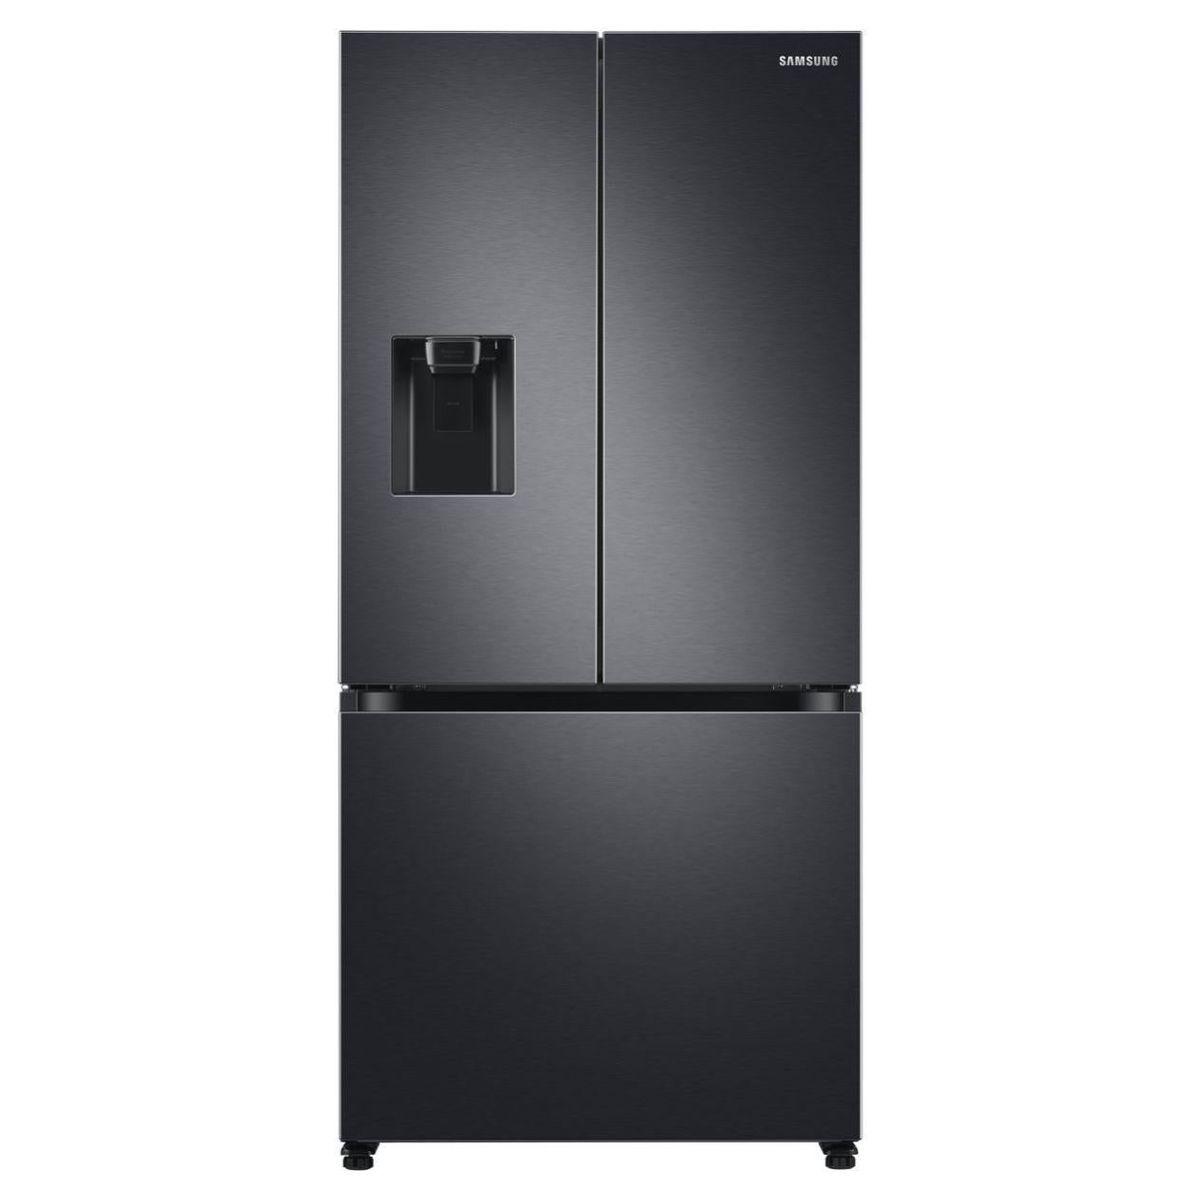 Réfrigérateur multiportes RF50A5202B1, 495 L, Froid ventilé